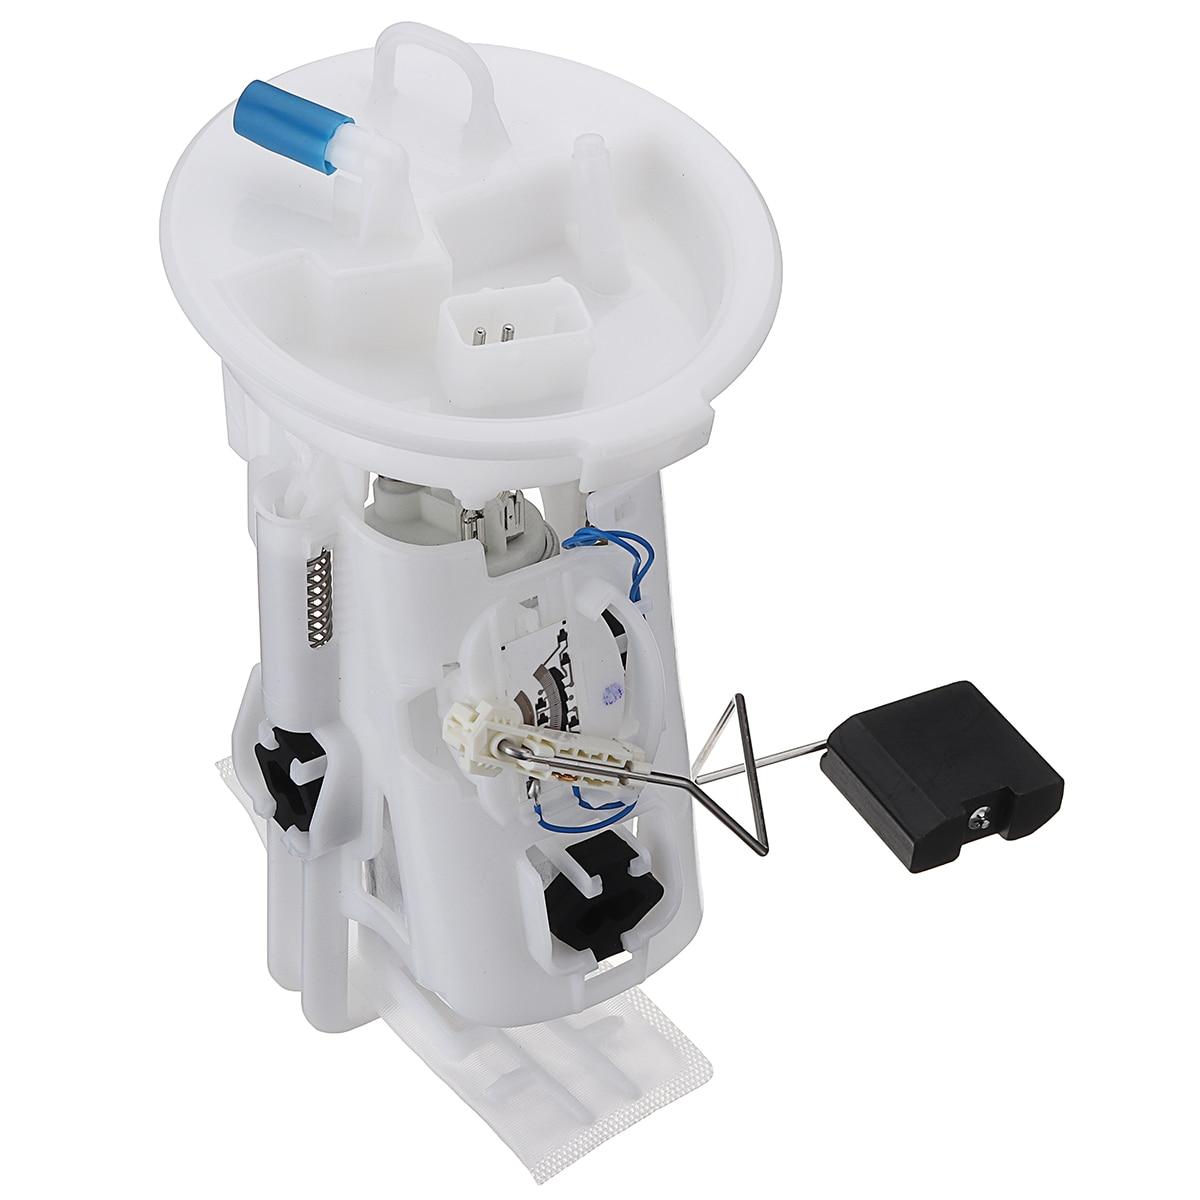 Car Fuel Pump + Sending Unit Module for BMW E46 3 Series 316i 318i 320i 323i 325i L6 6 Cyl 16146766942Car Fuel Pump + Sending Unit Module for BMW E46 3 Series 316i 318i 320i 323i 325i L6 6 Cyl 16146766942